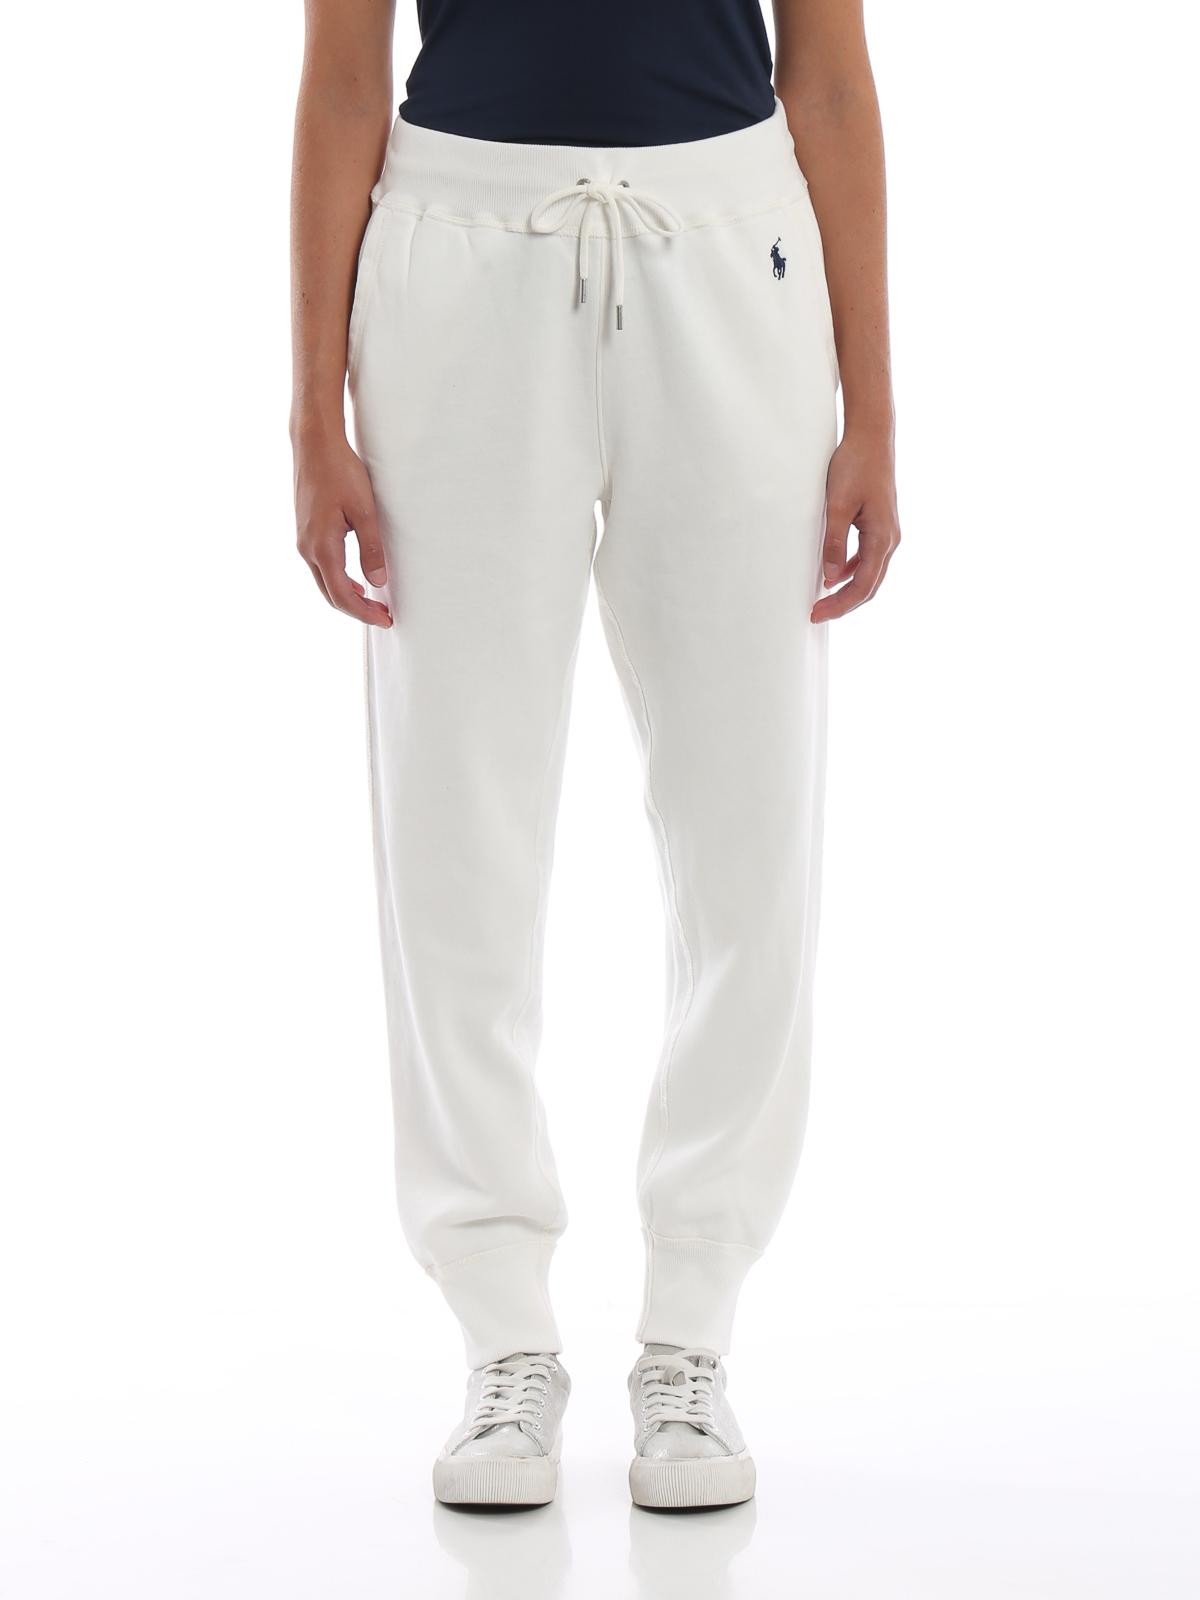 d6806b5e5 iKRIX POLO RALPH LAUREN  tracksuit bottoms - White cotton fleece tracksuit  bottoms